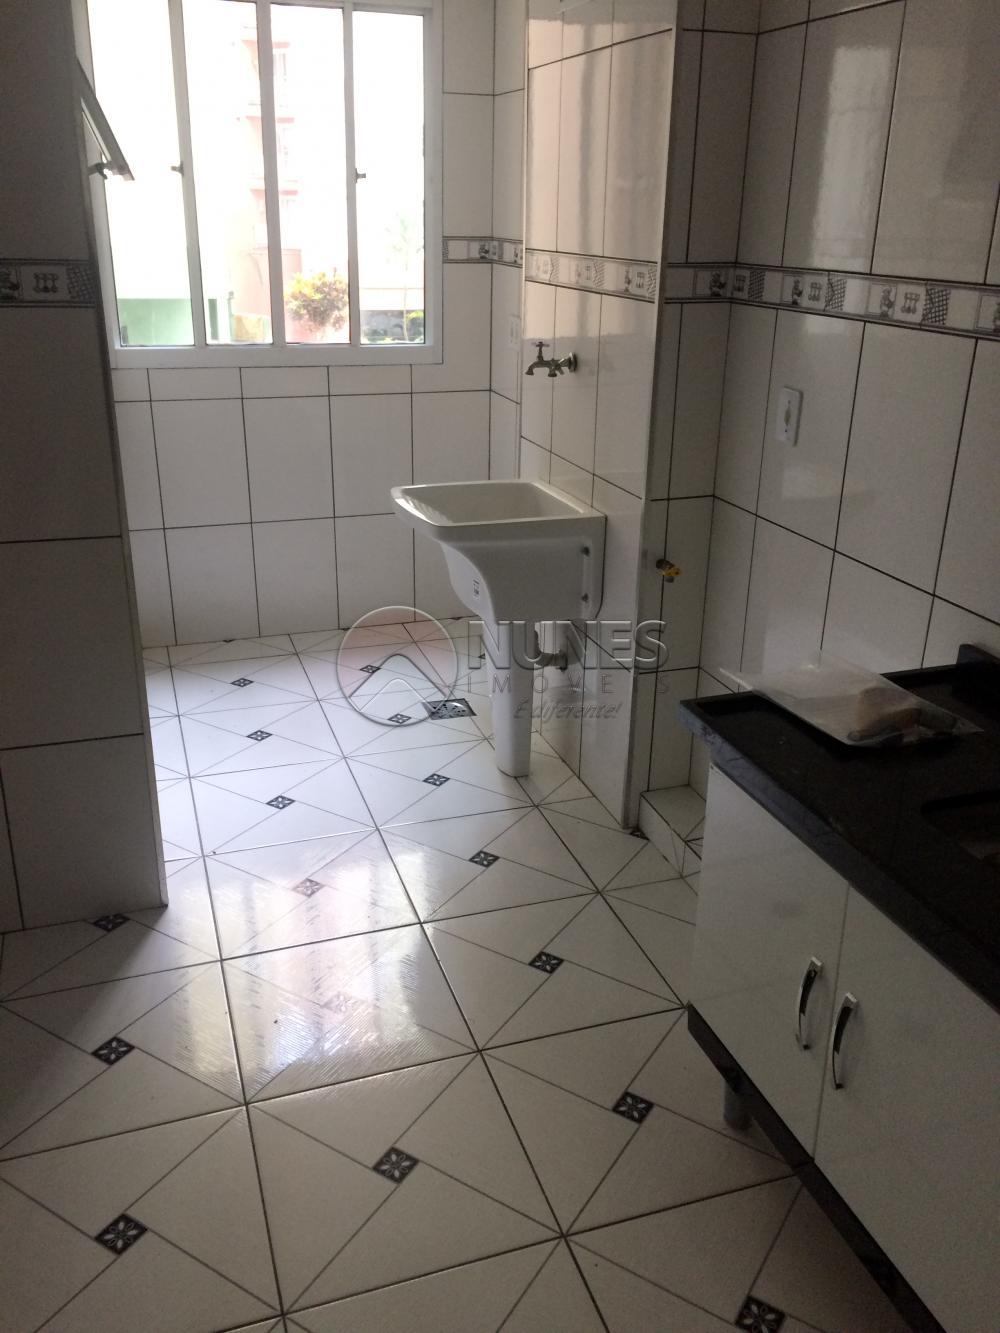 Comprar Apartamento / Padrão em Osasco apenas R$ 120.000,00 - Foto 2